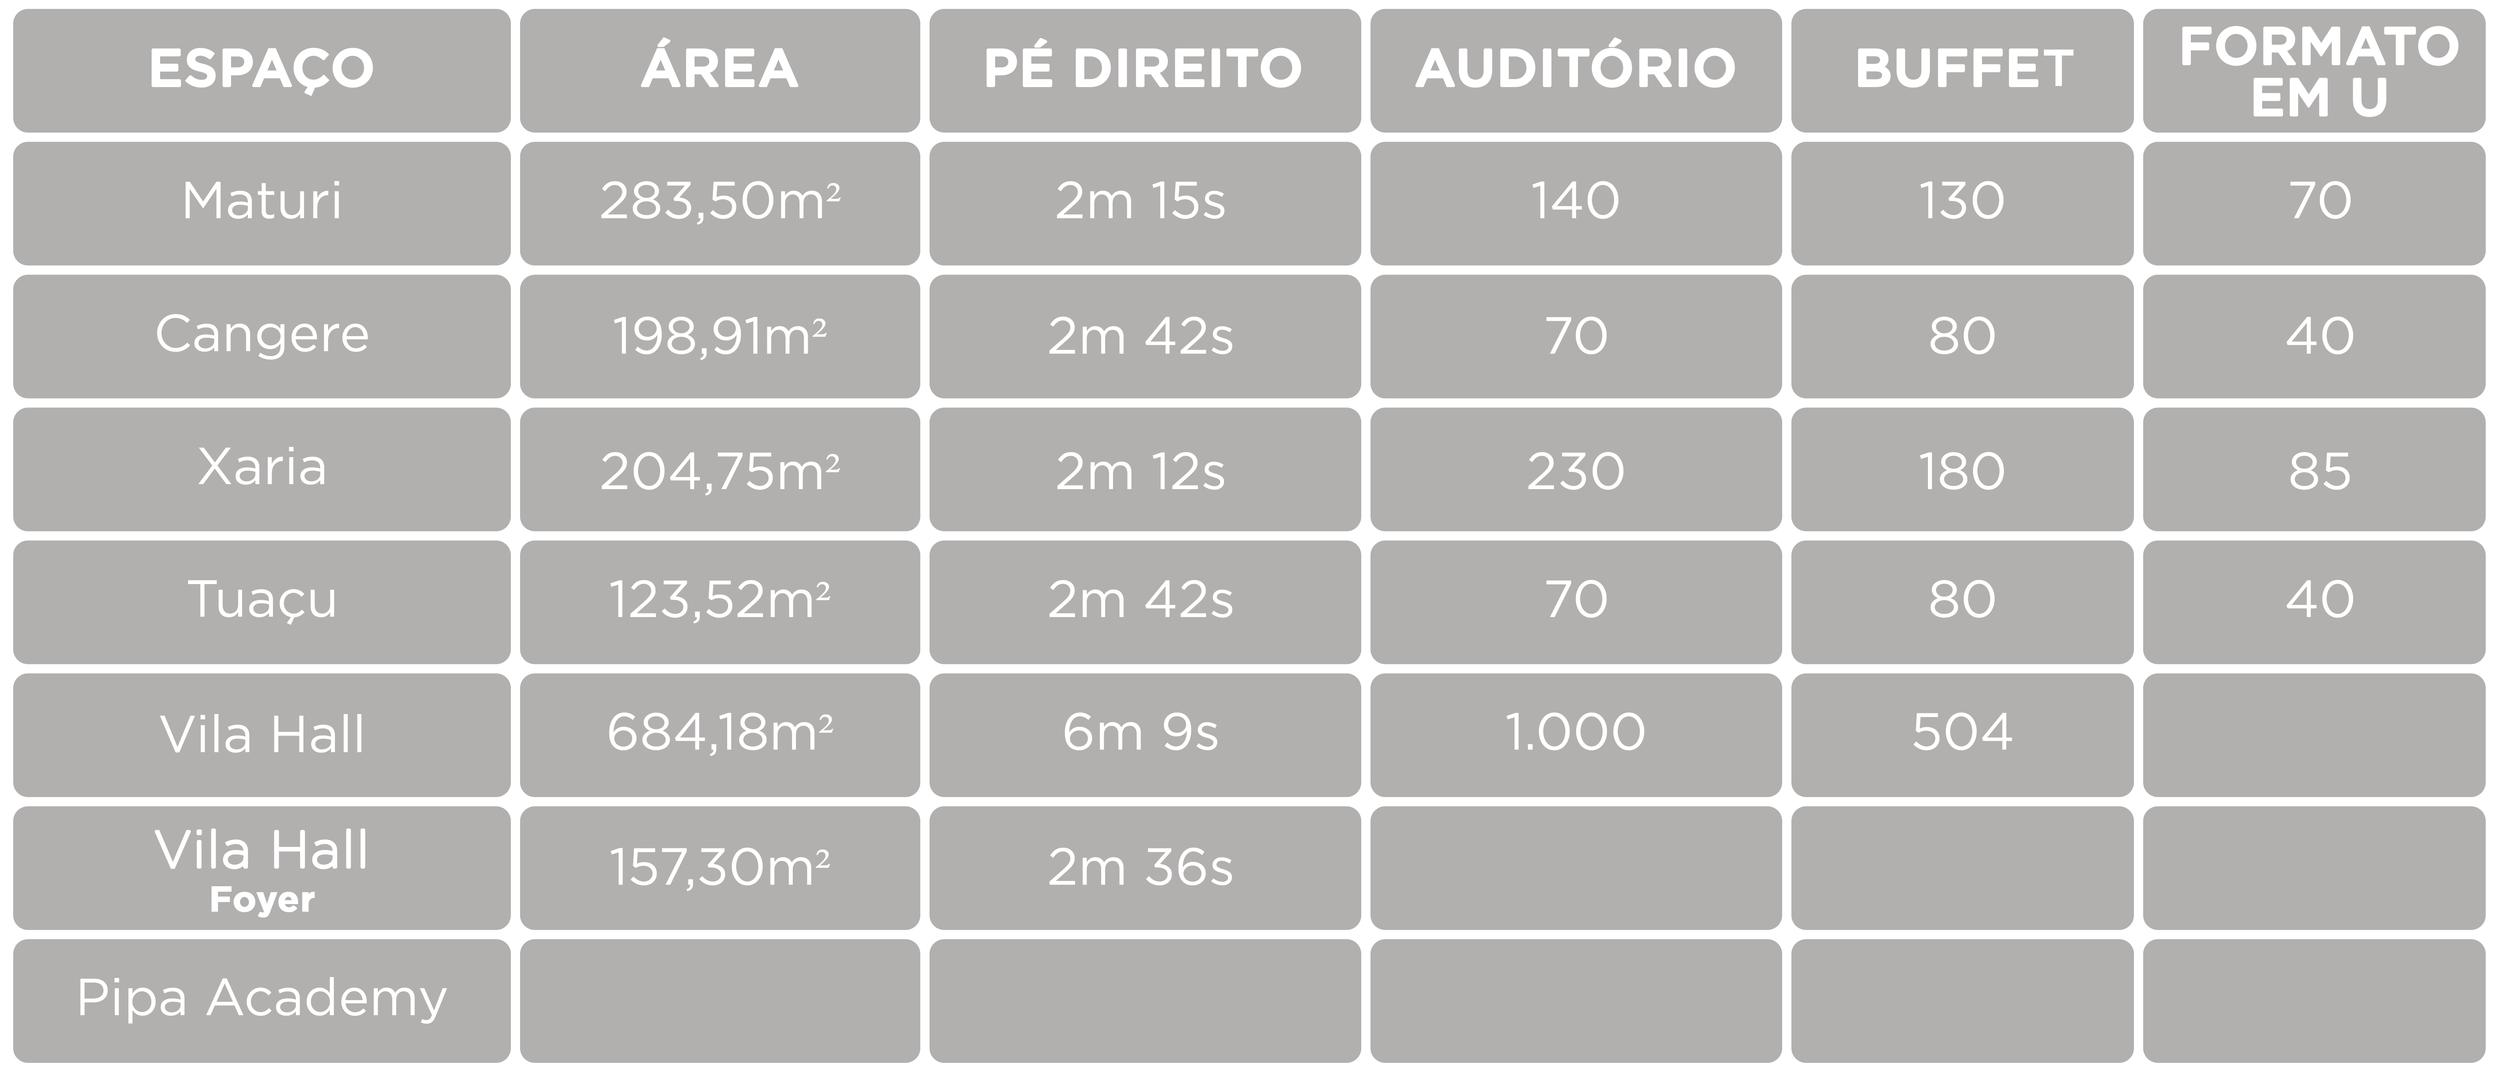 Tabela-De-Espaços.png